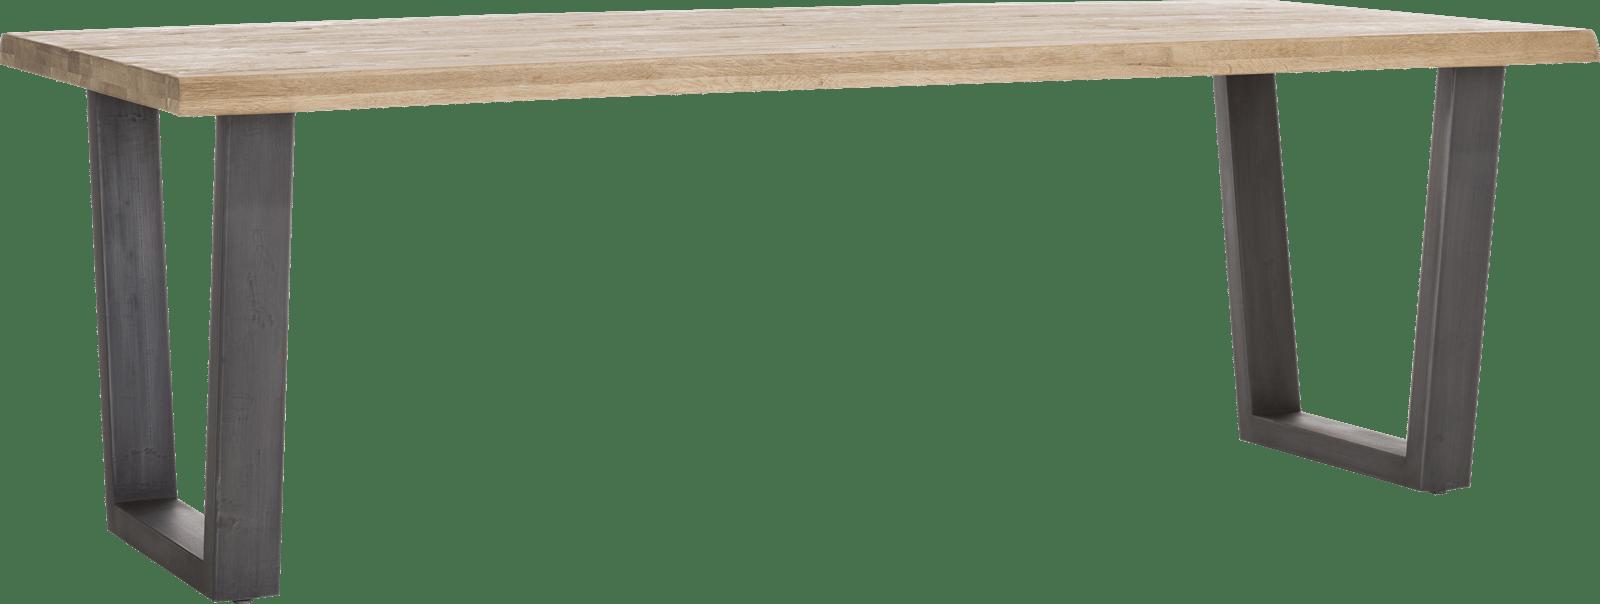 Metalox - eetkamertafel 230 x 100 cm